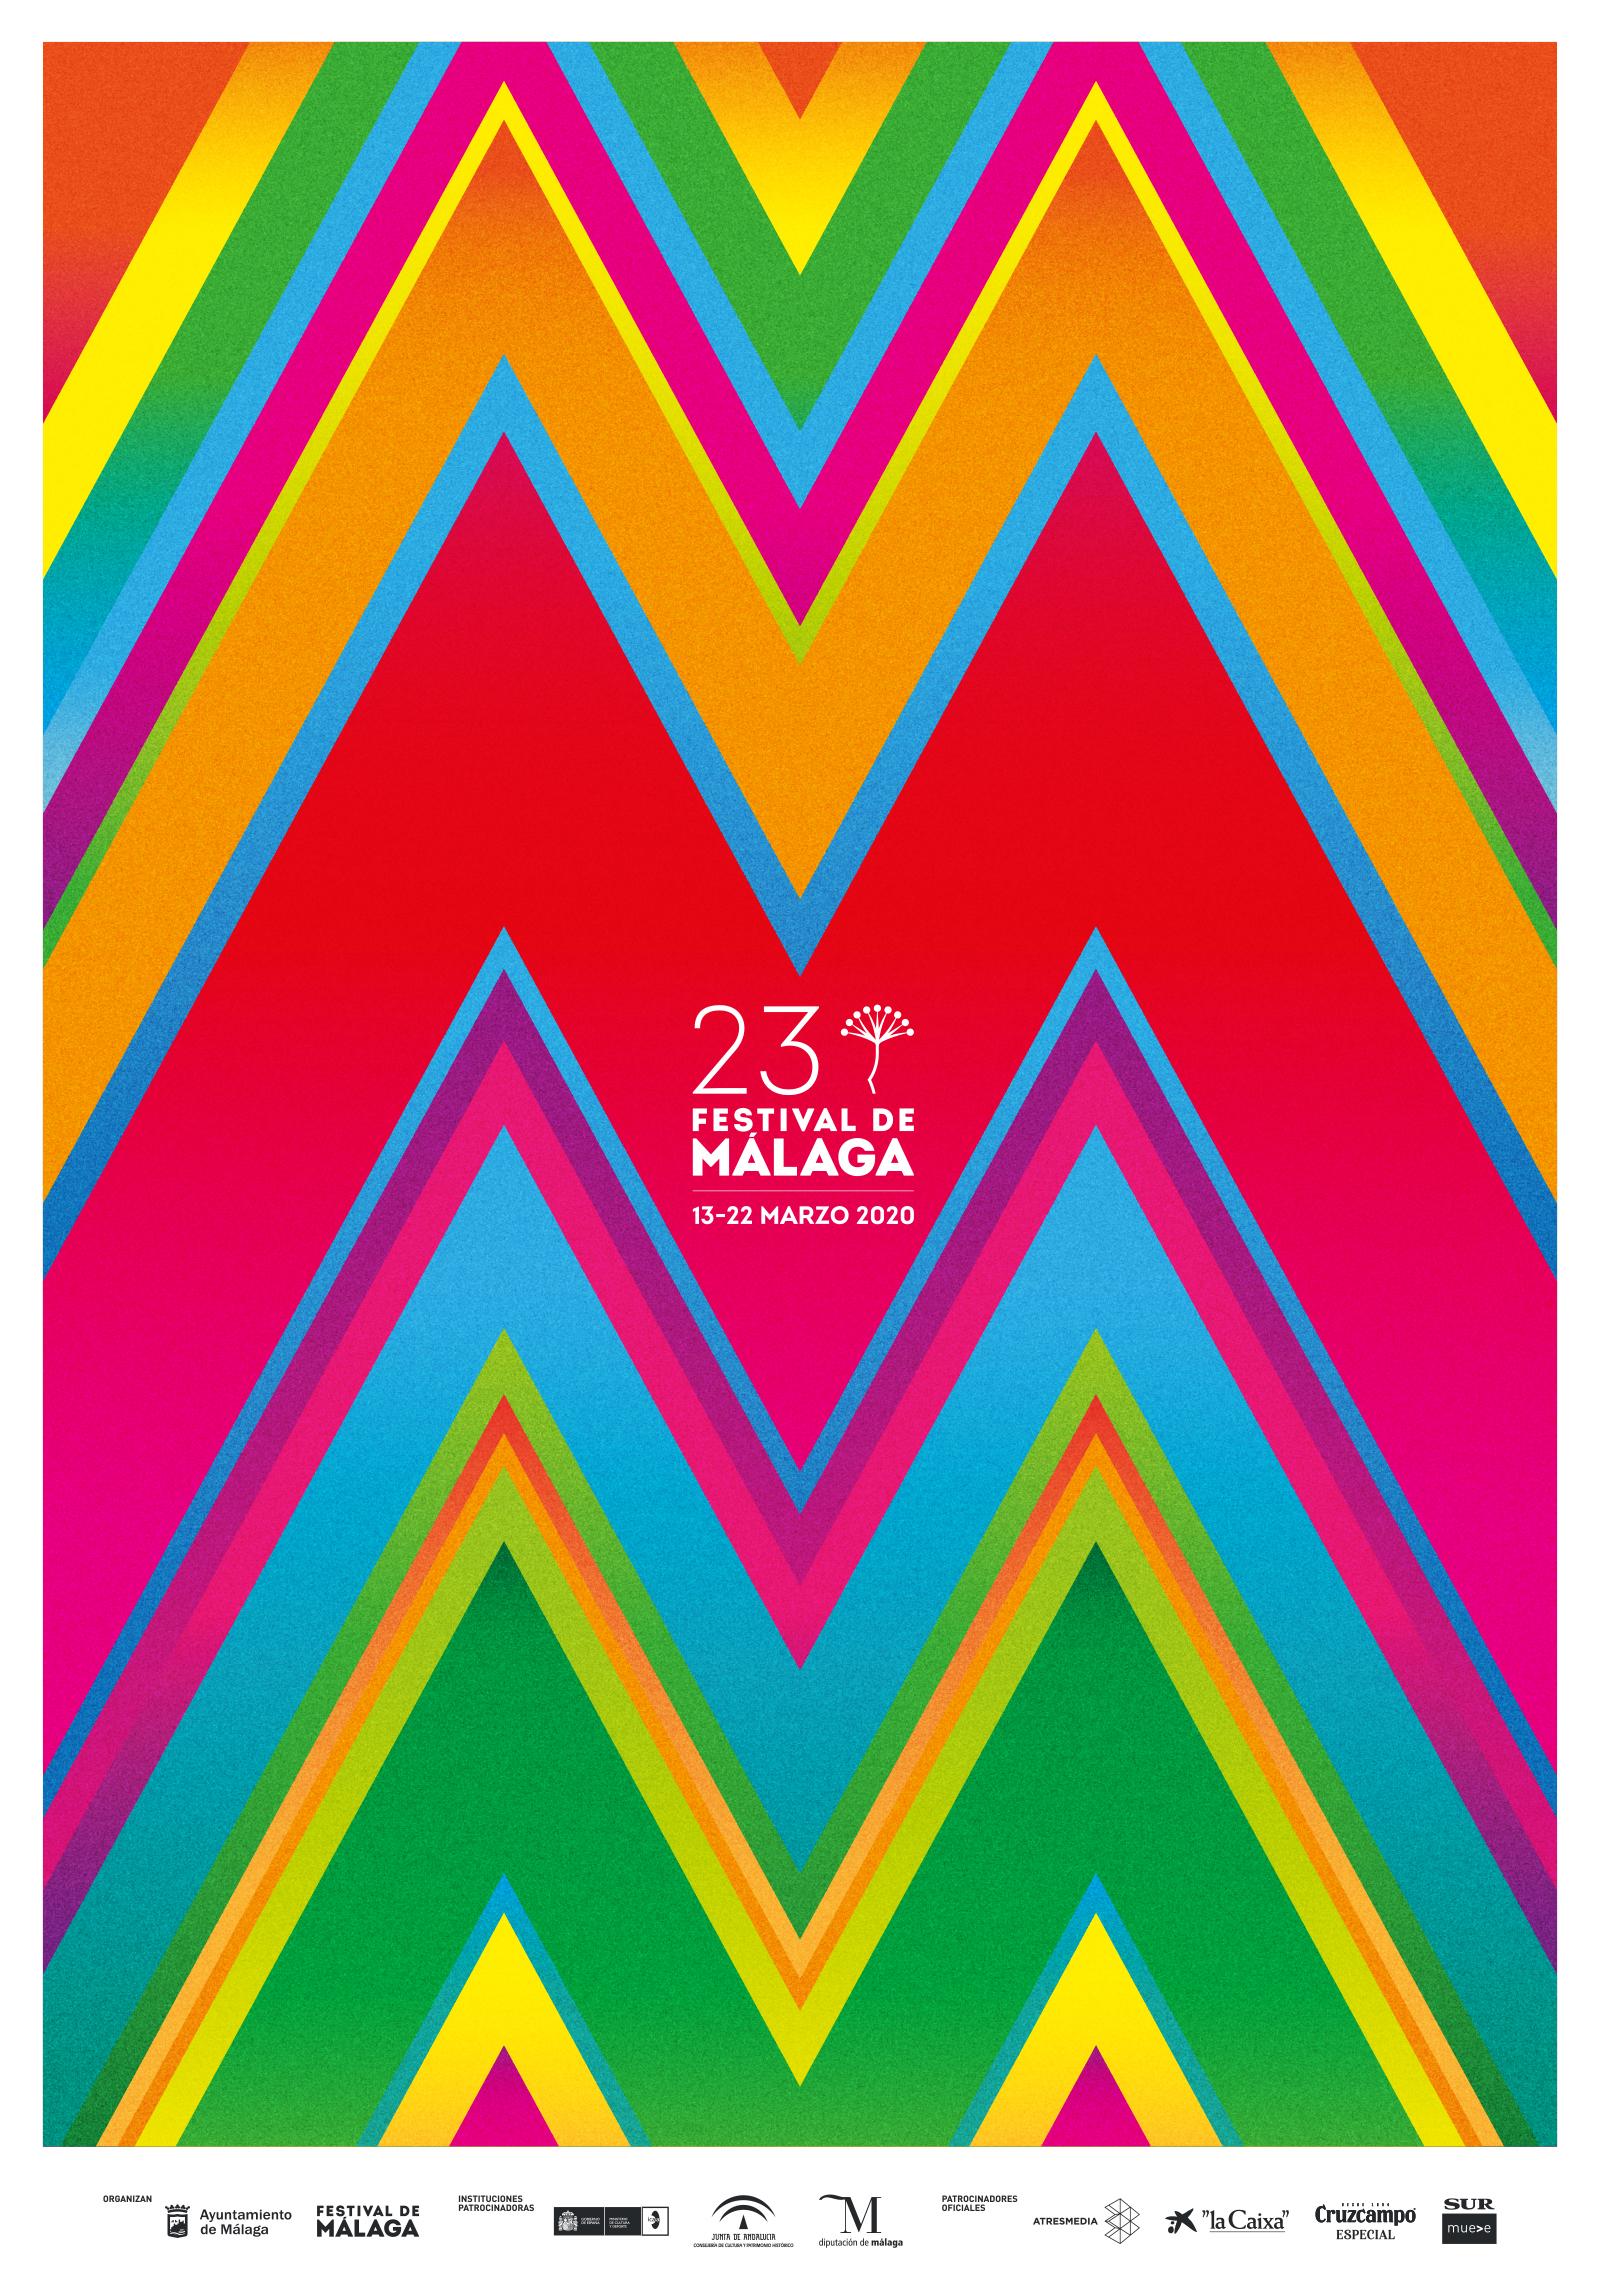 Pedro Cabañas - Design - 23 FESTIVAL DE MÁLAGA